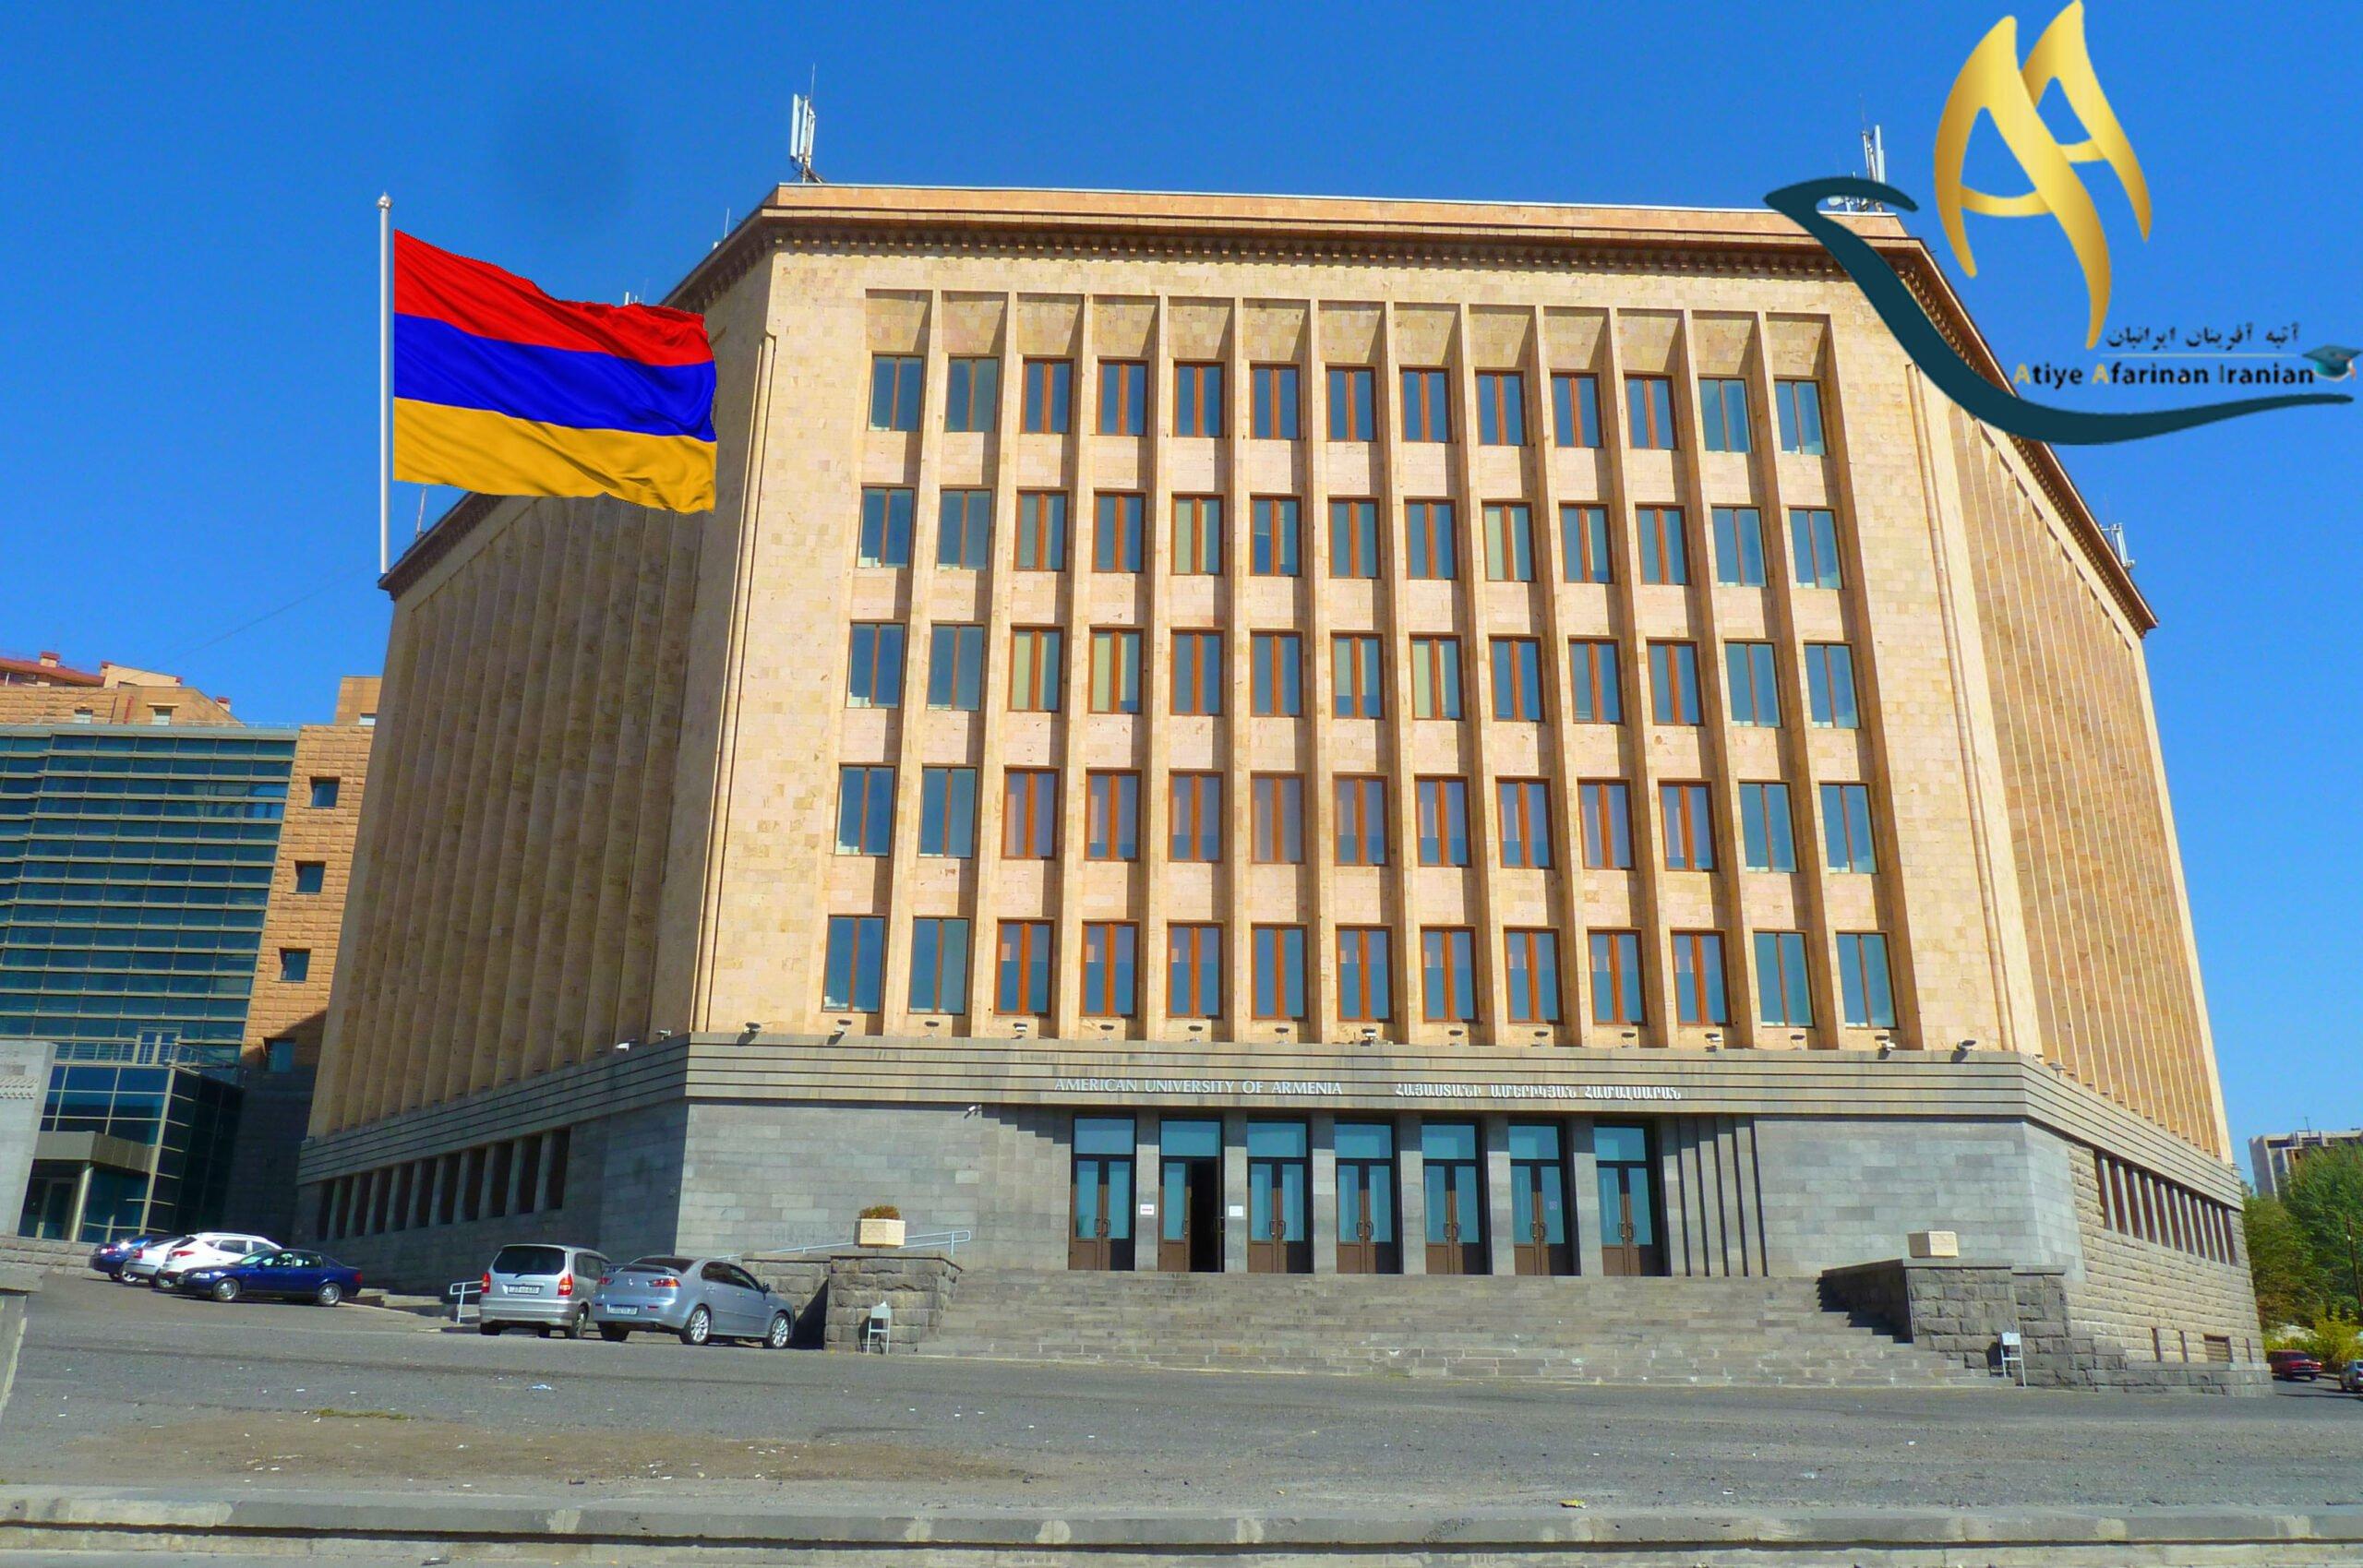 دانشگاه های مورد تایید وزارت بهداشت در ارمنستان